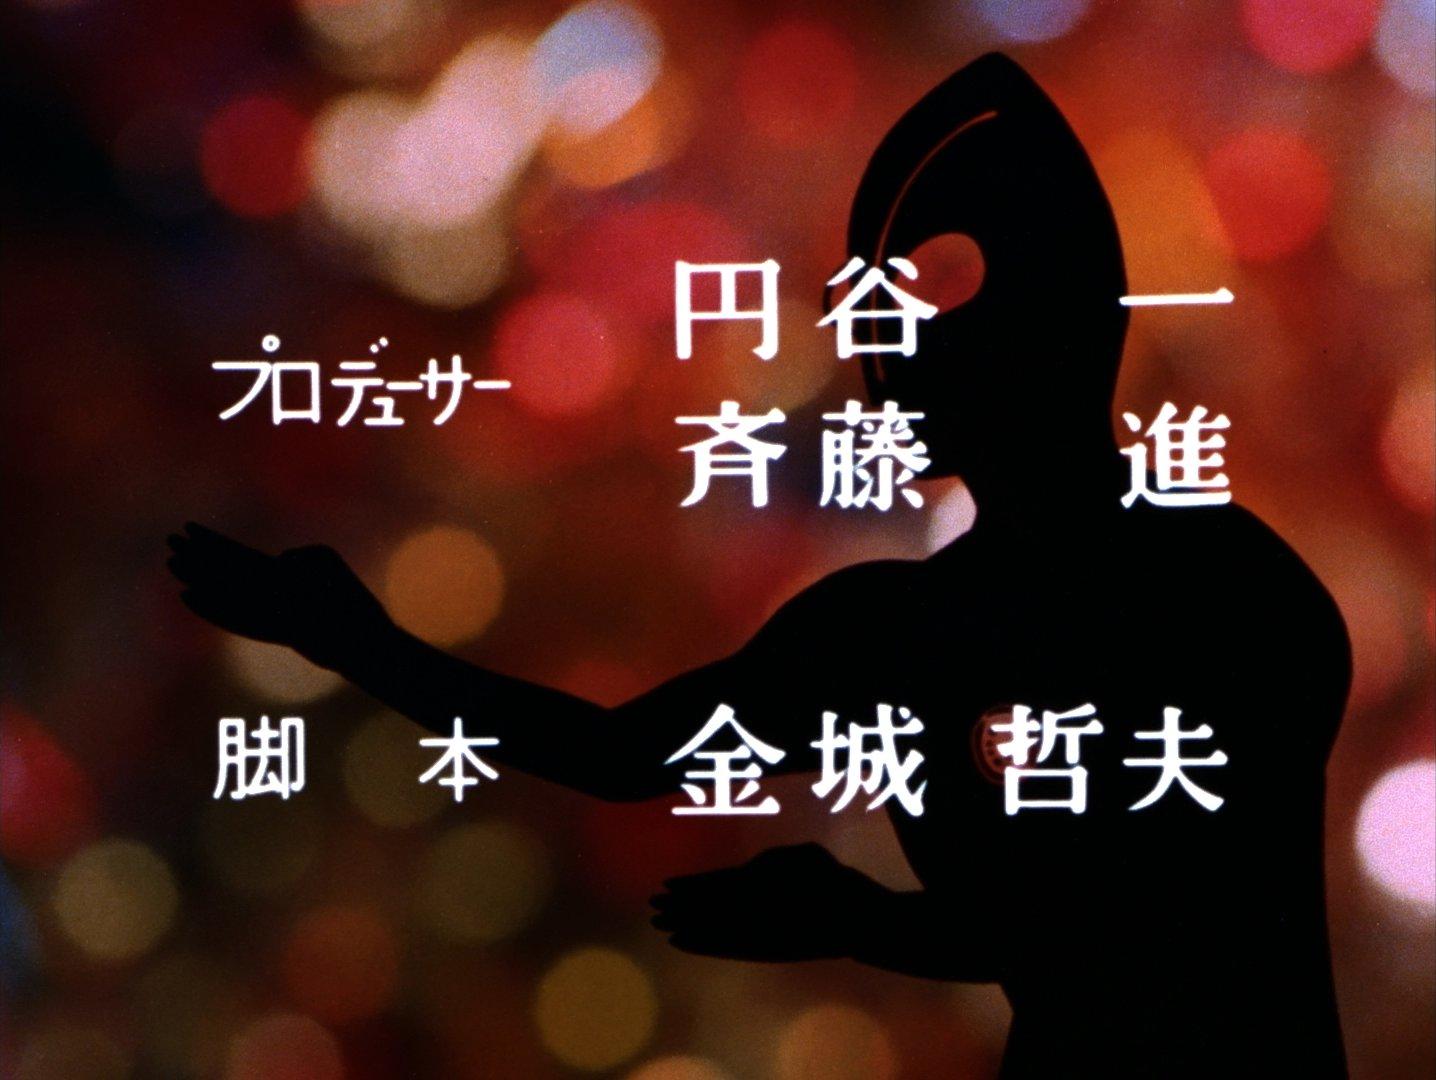 『帰ってきたウルトラマン』第11話より 脚本:金城哲夫